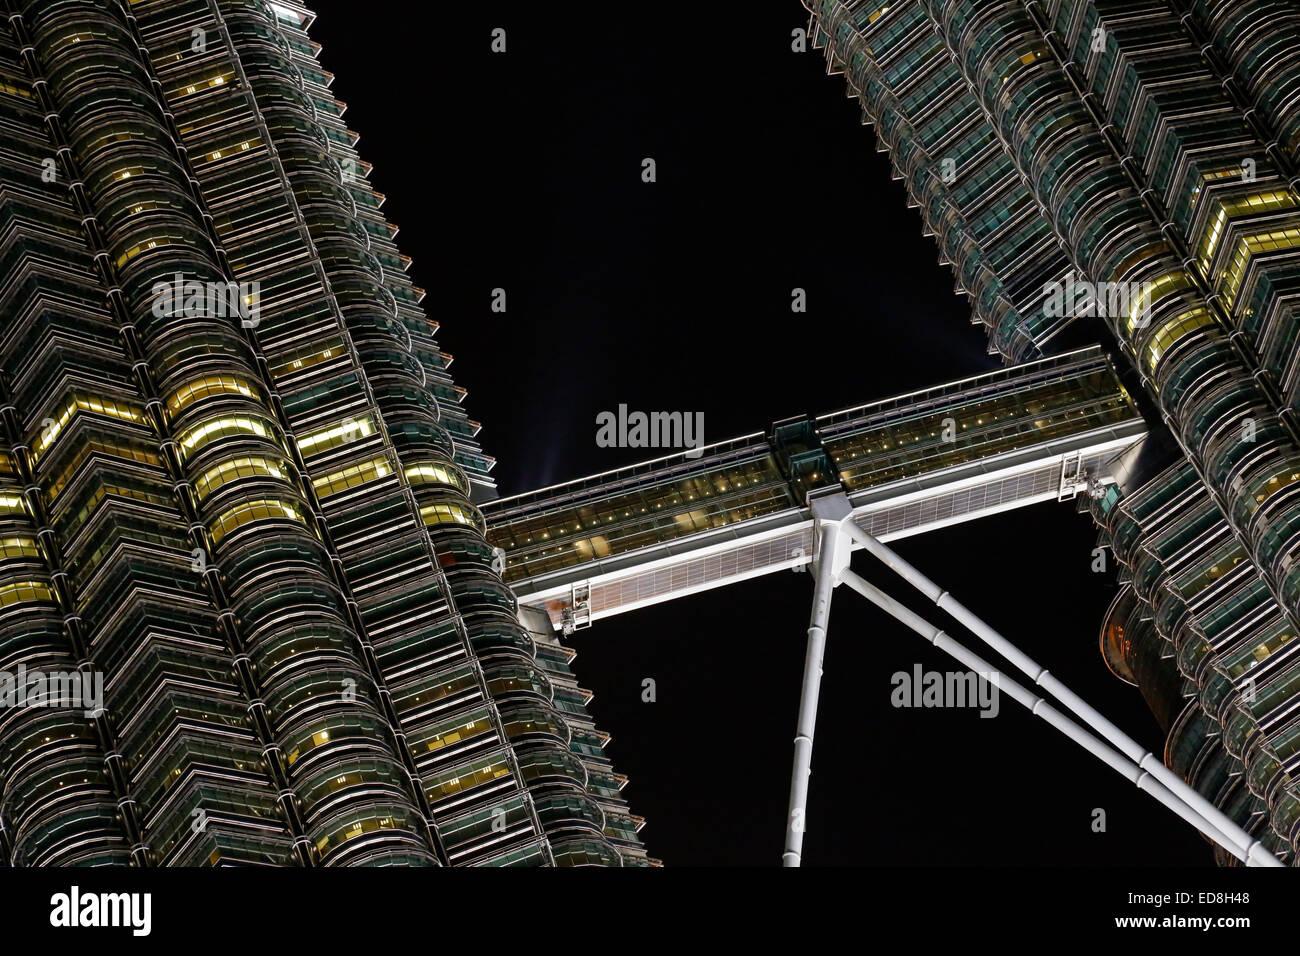 Skybridge between the twin Petronas Towers in Kuala Lumpur, Malaysia - Stock Image